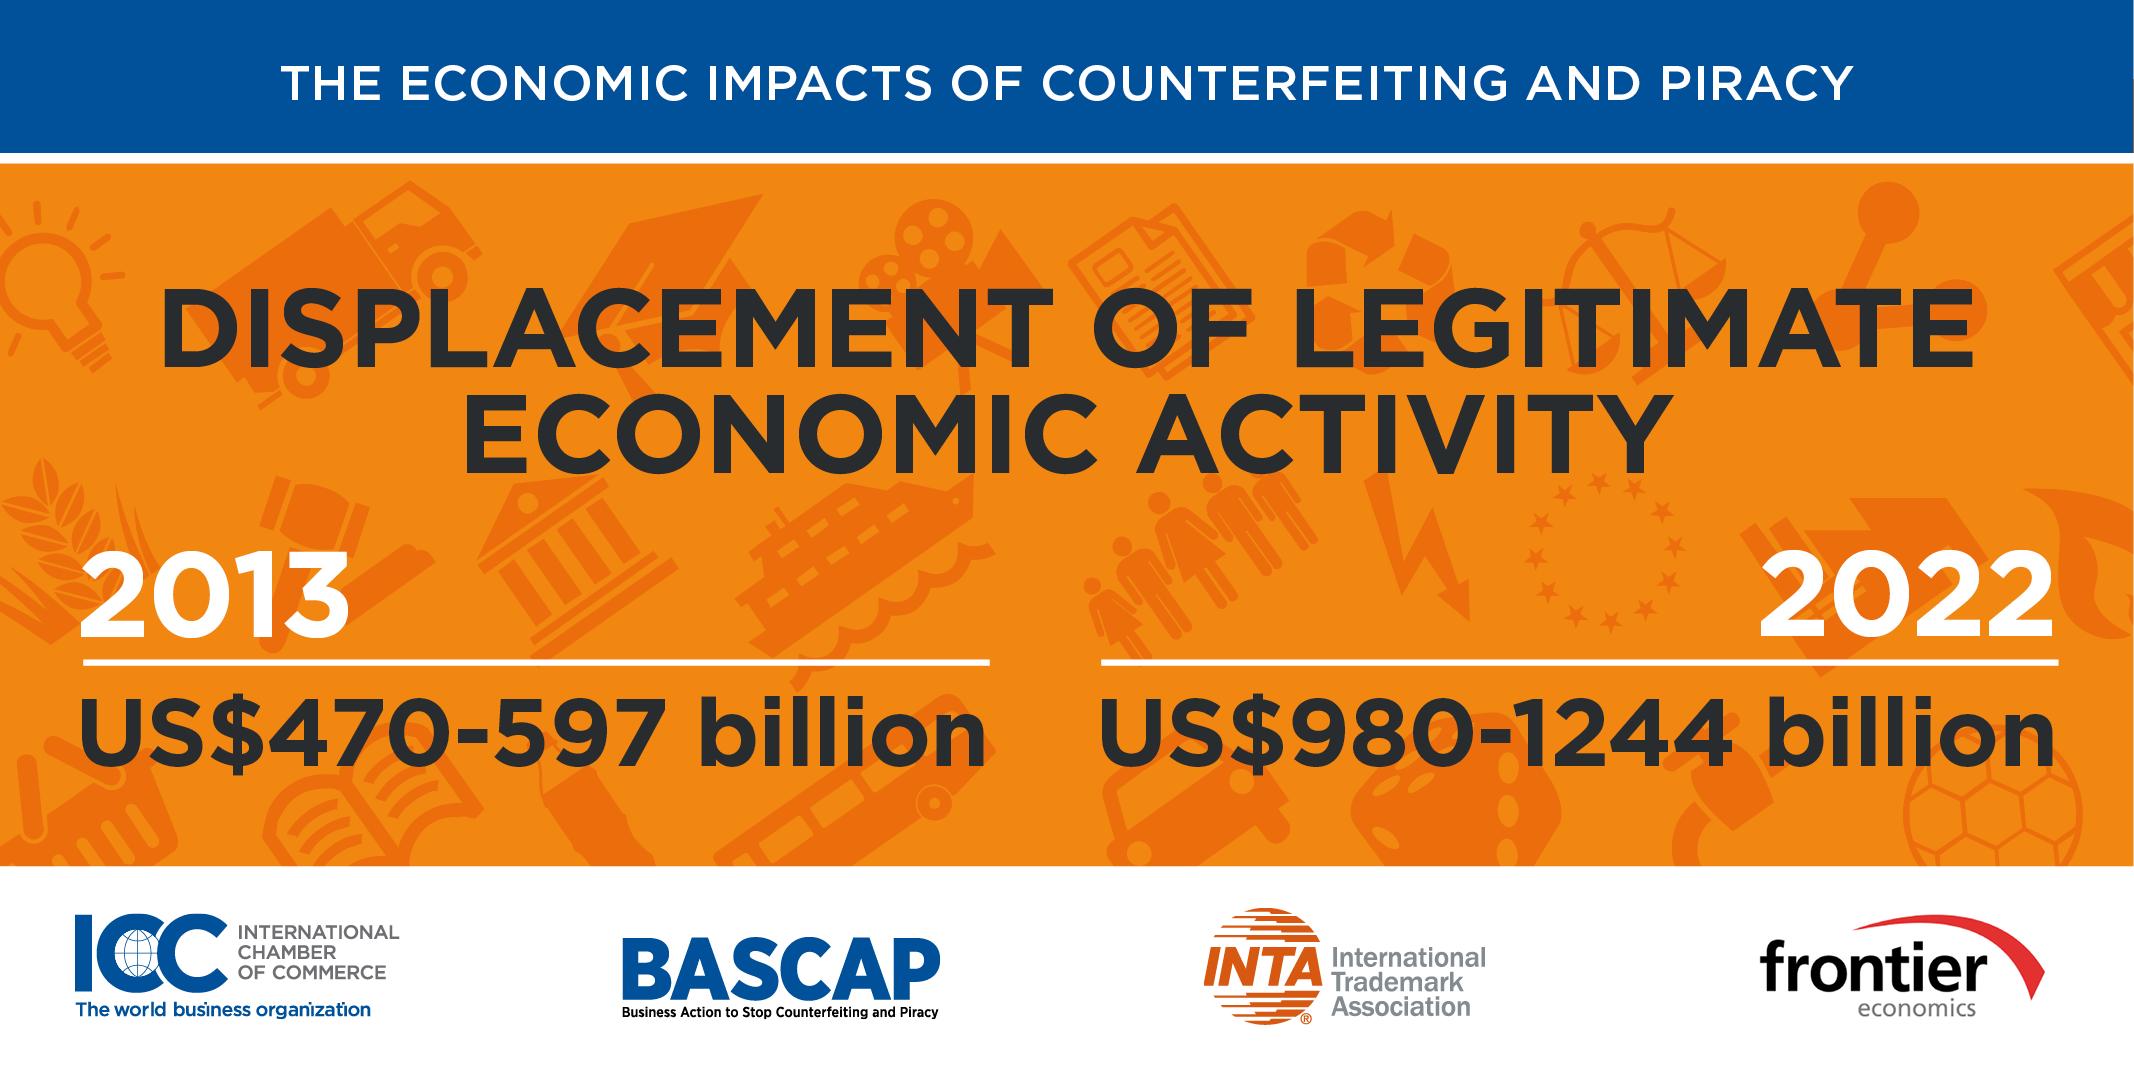 ICC Legitimate Activity Displacement